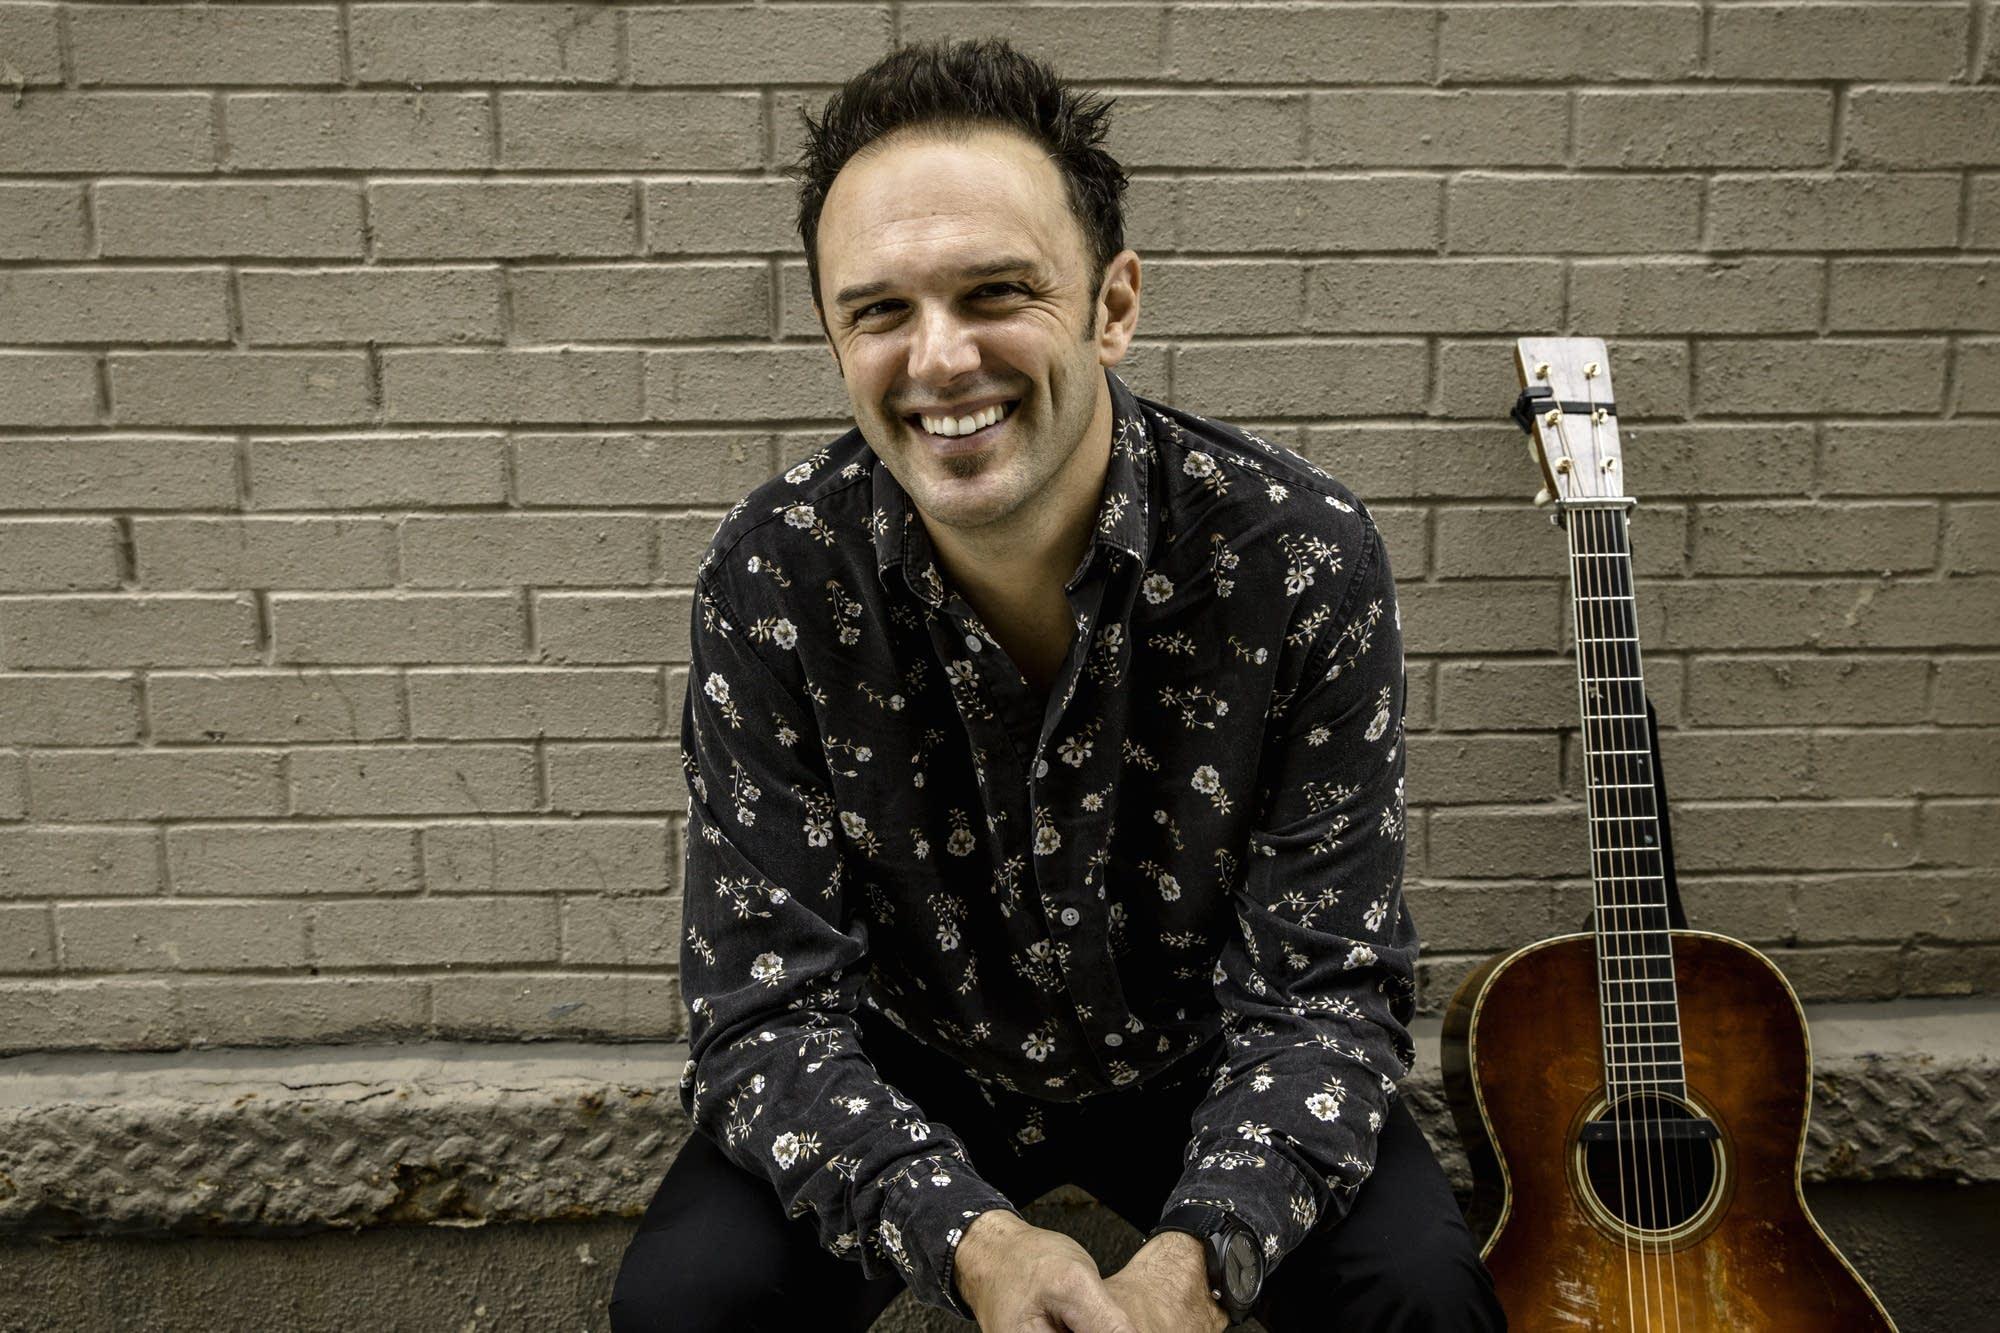 Singer-songwriter Mark Erelli